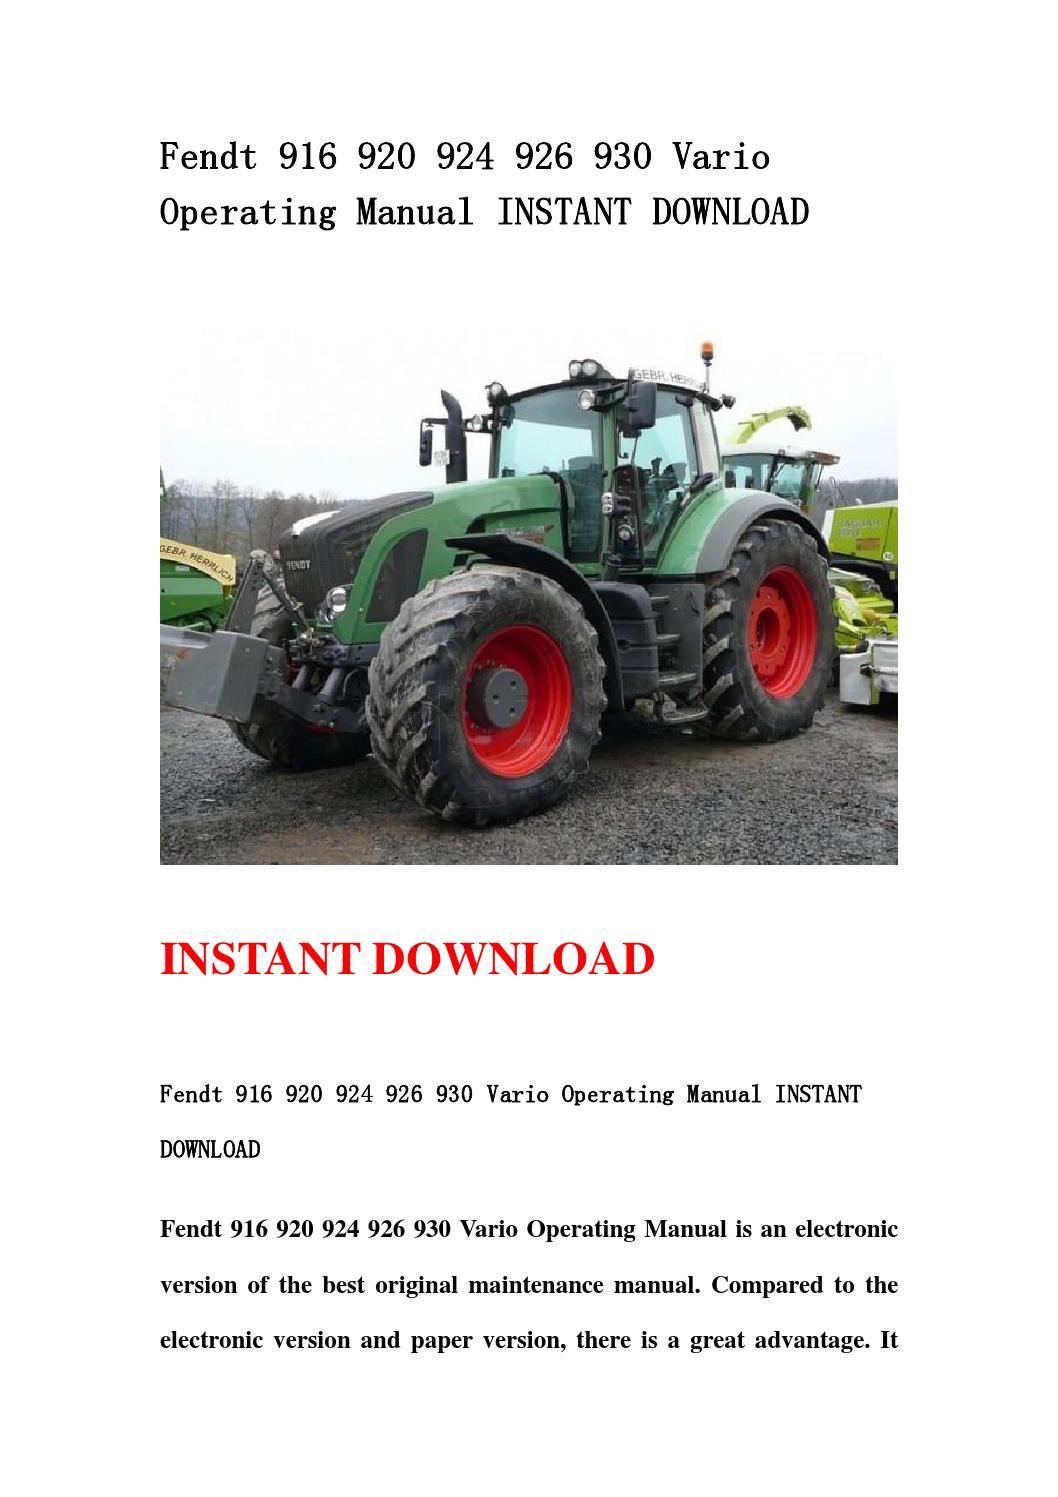 Fendt 926 Manual